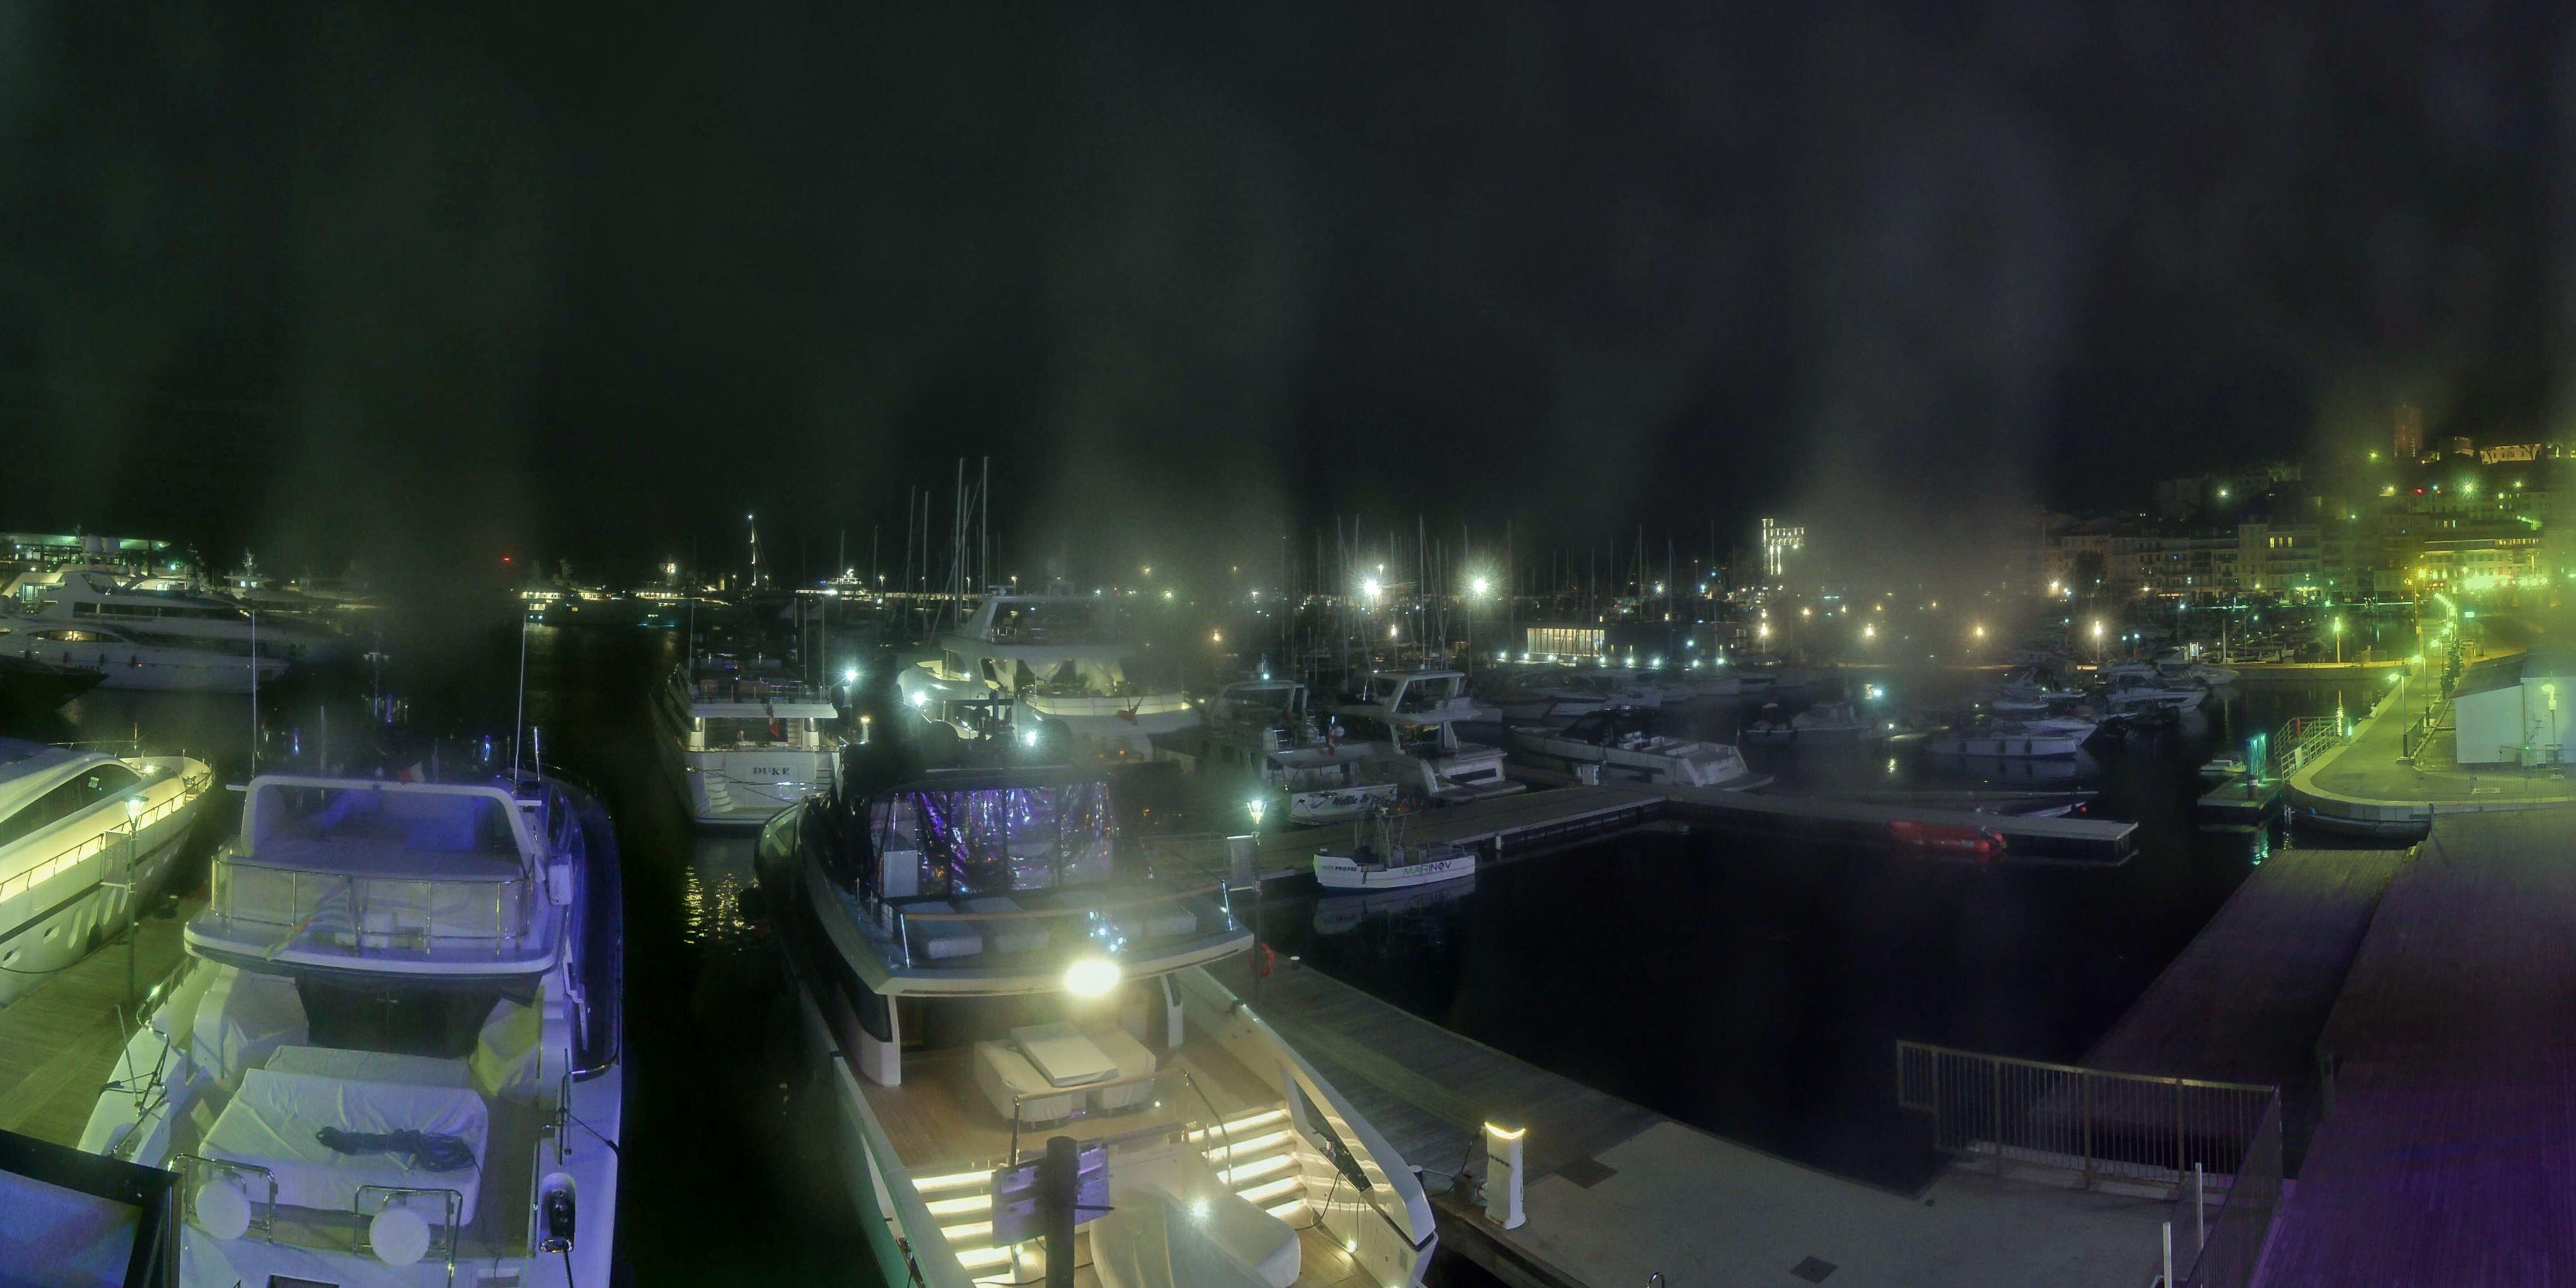 Cannes Di. 02:36